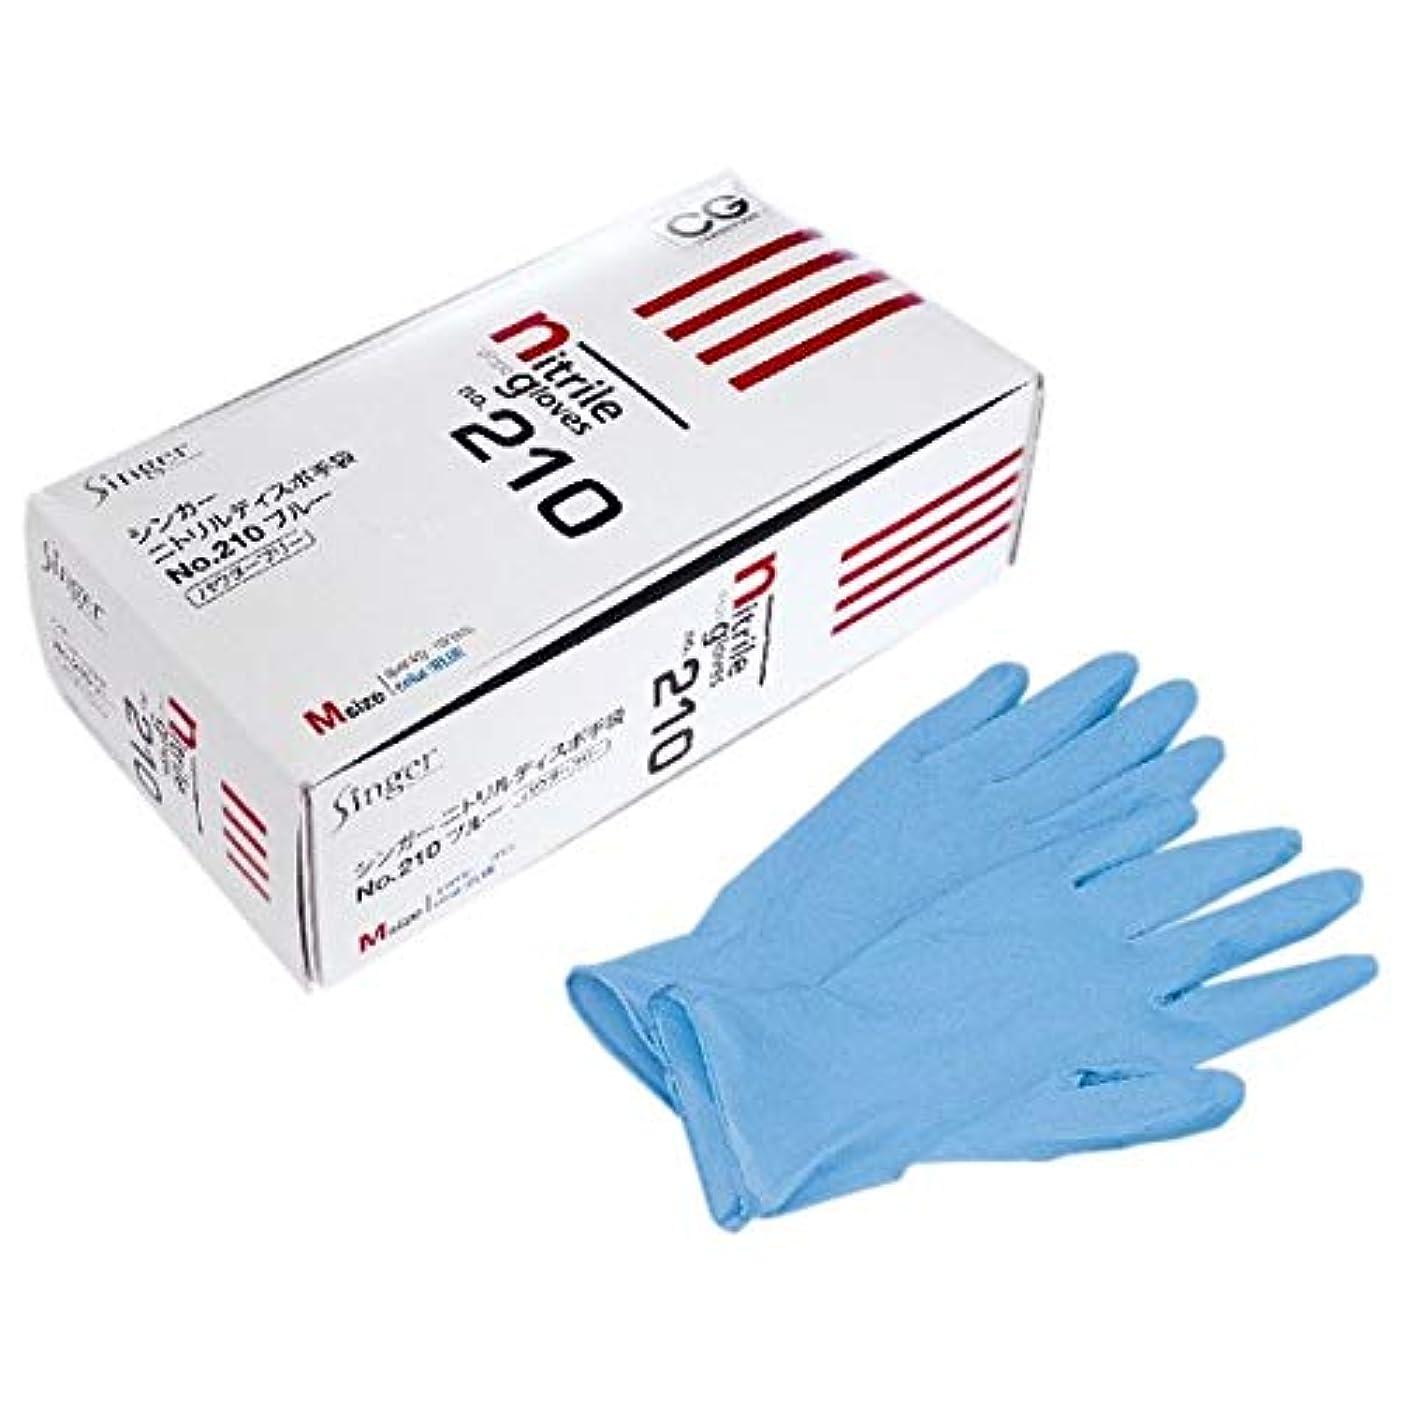 口ひげ排出耐久シンガーニトリルディスポ手袋 No.210 青 パウダーフリー Lサイズ 100枚×20箱入